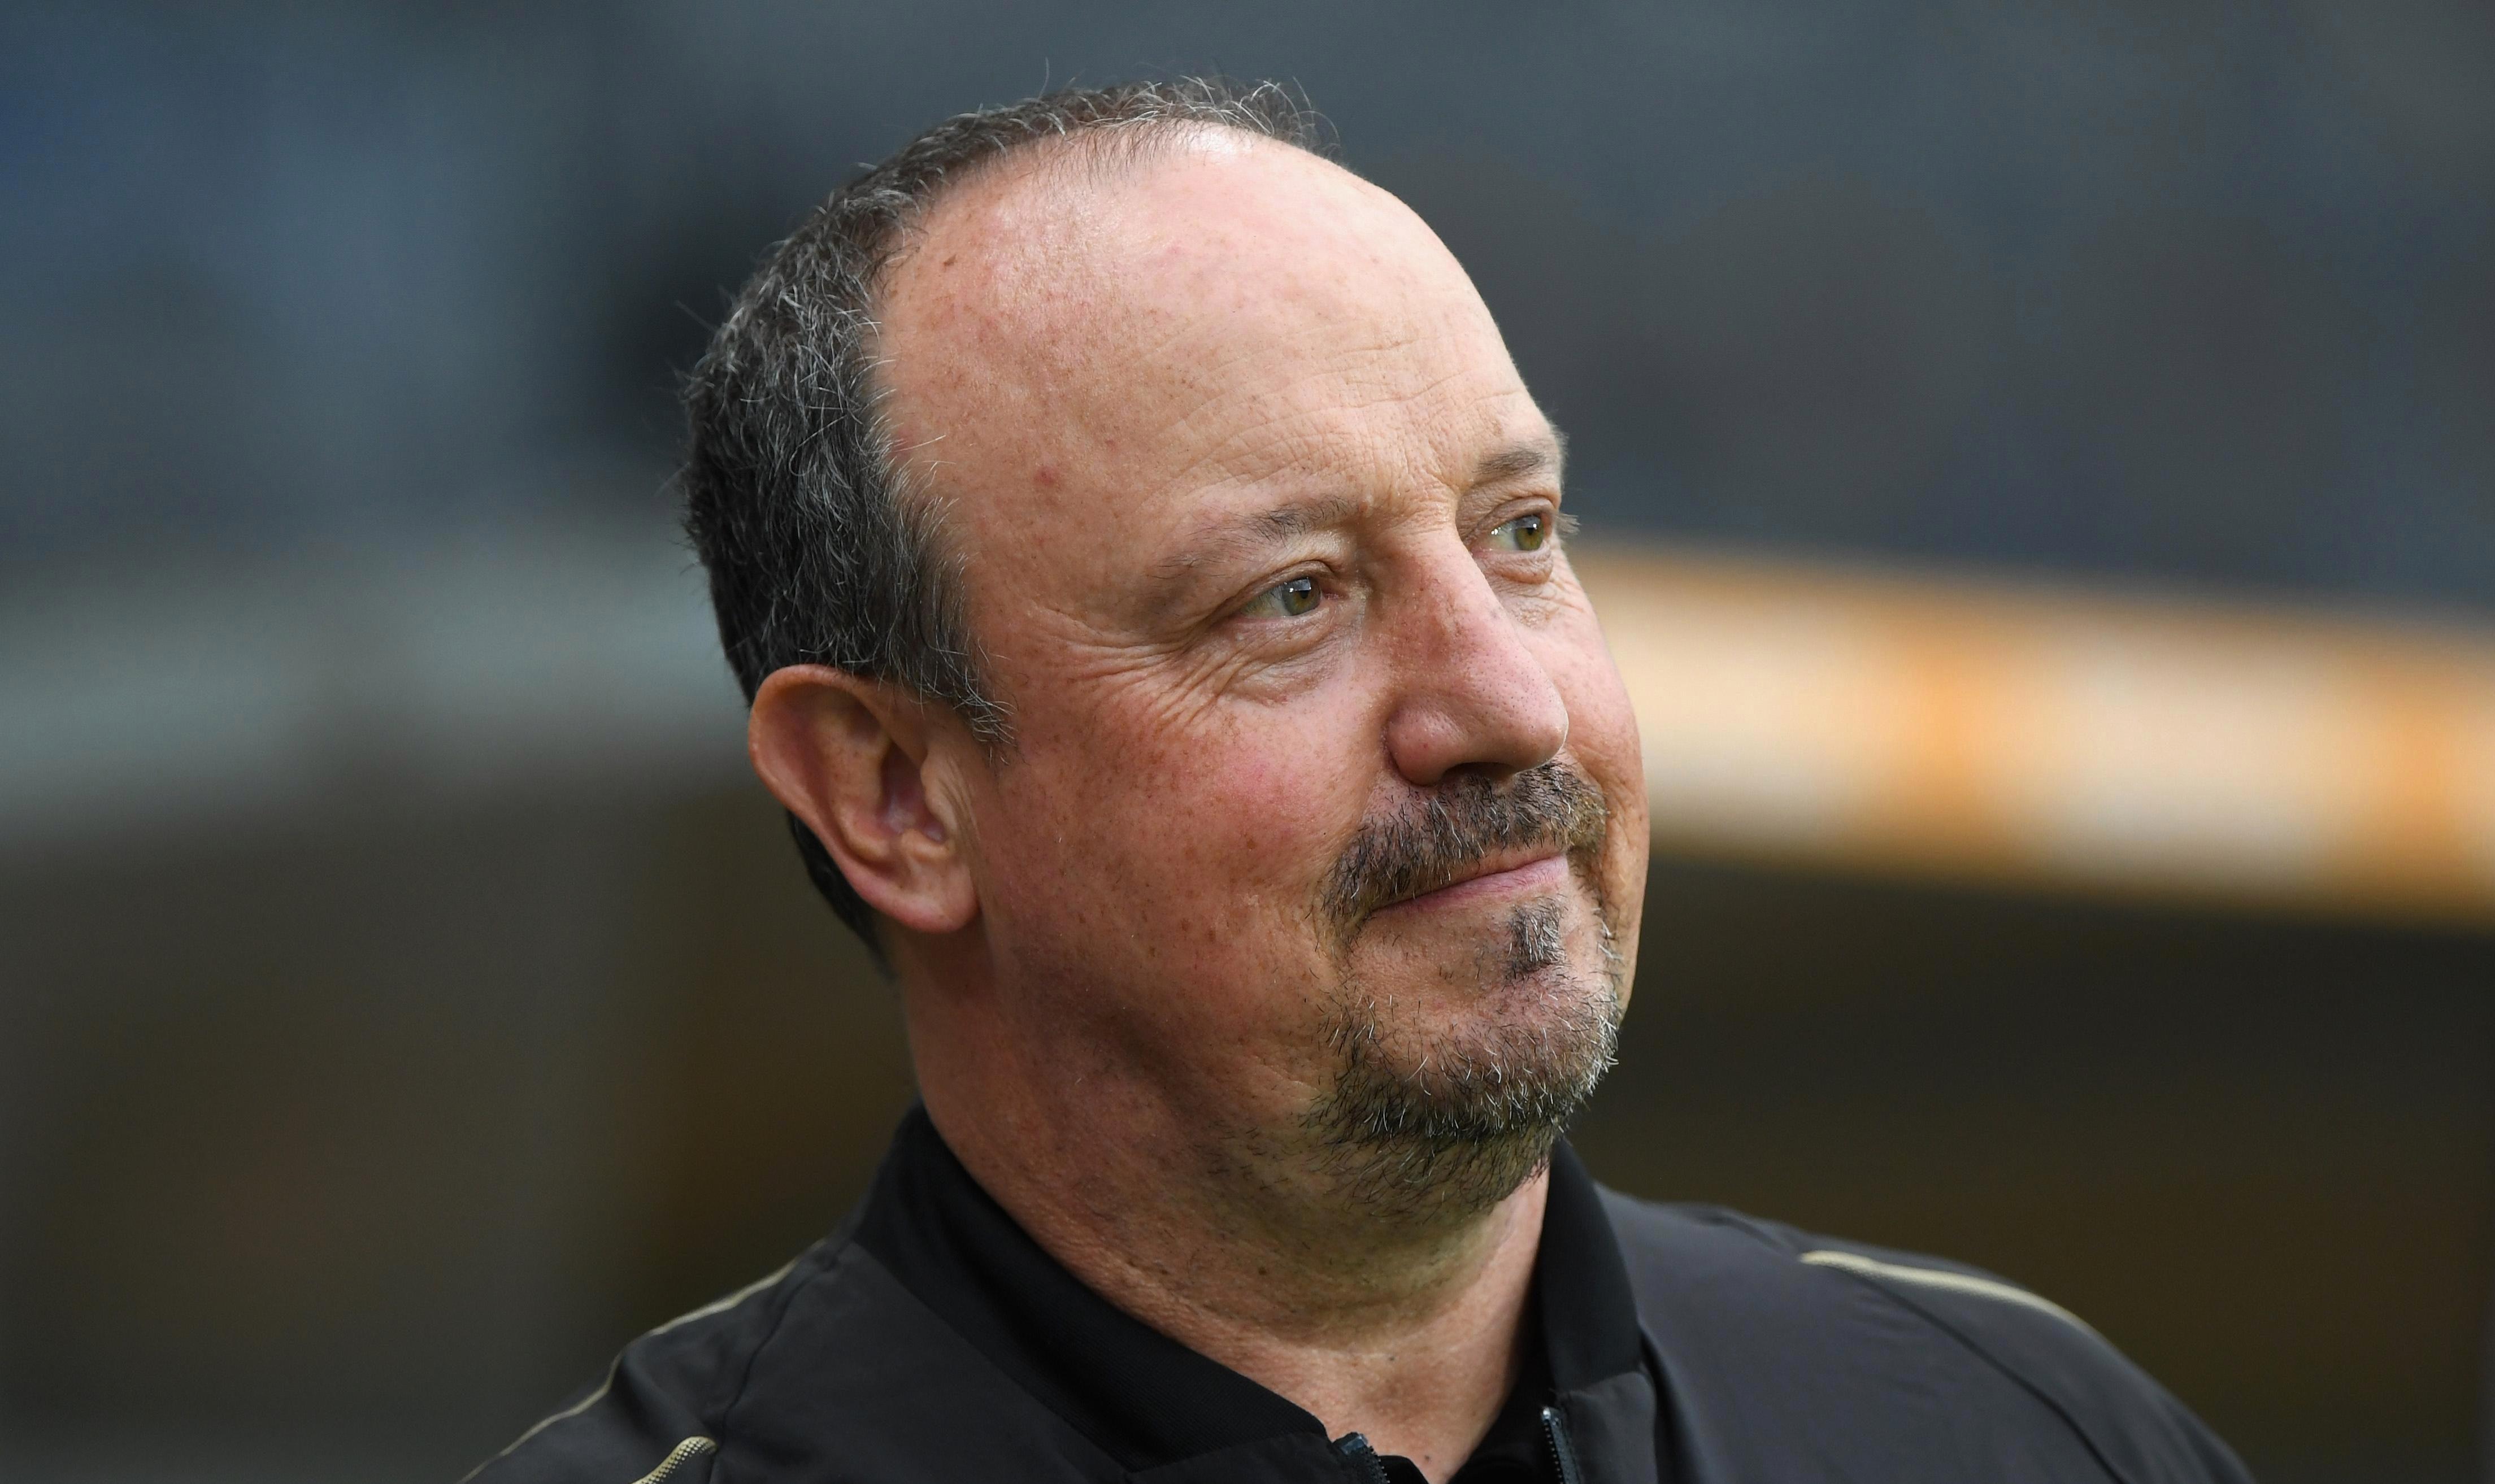 Newcastle United boss Rafa Benitez wants a new left-back